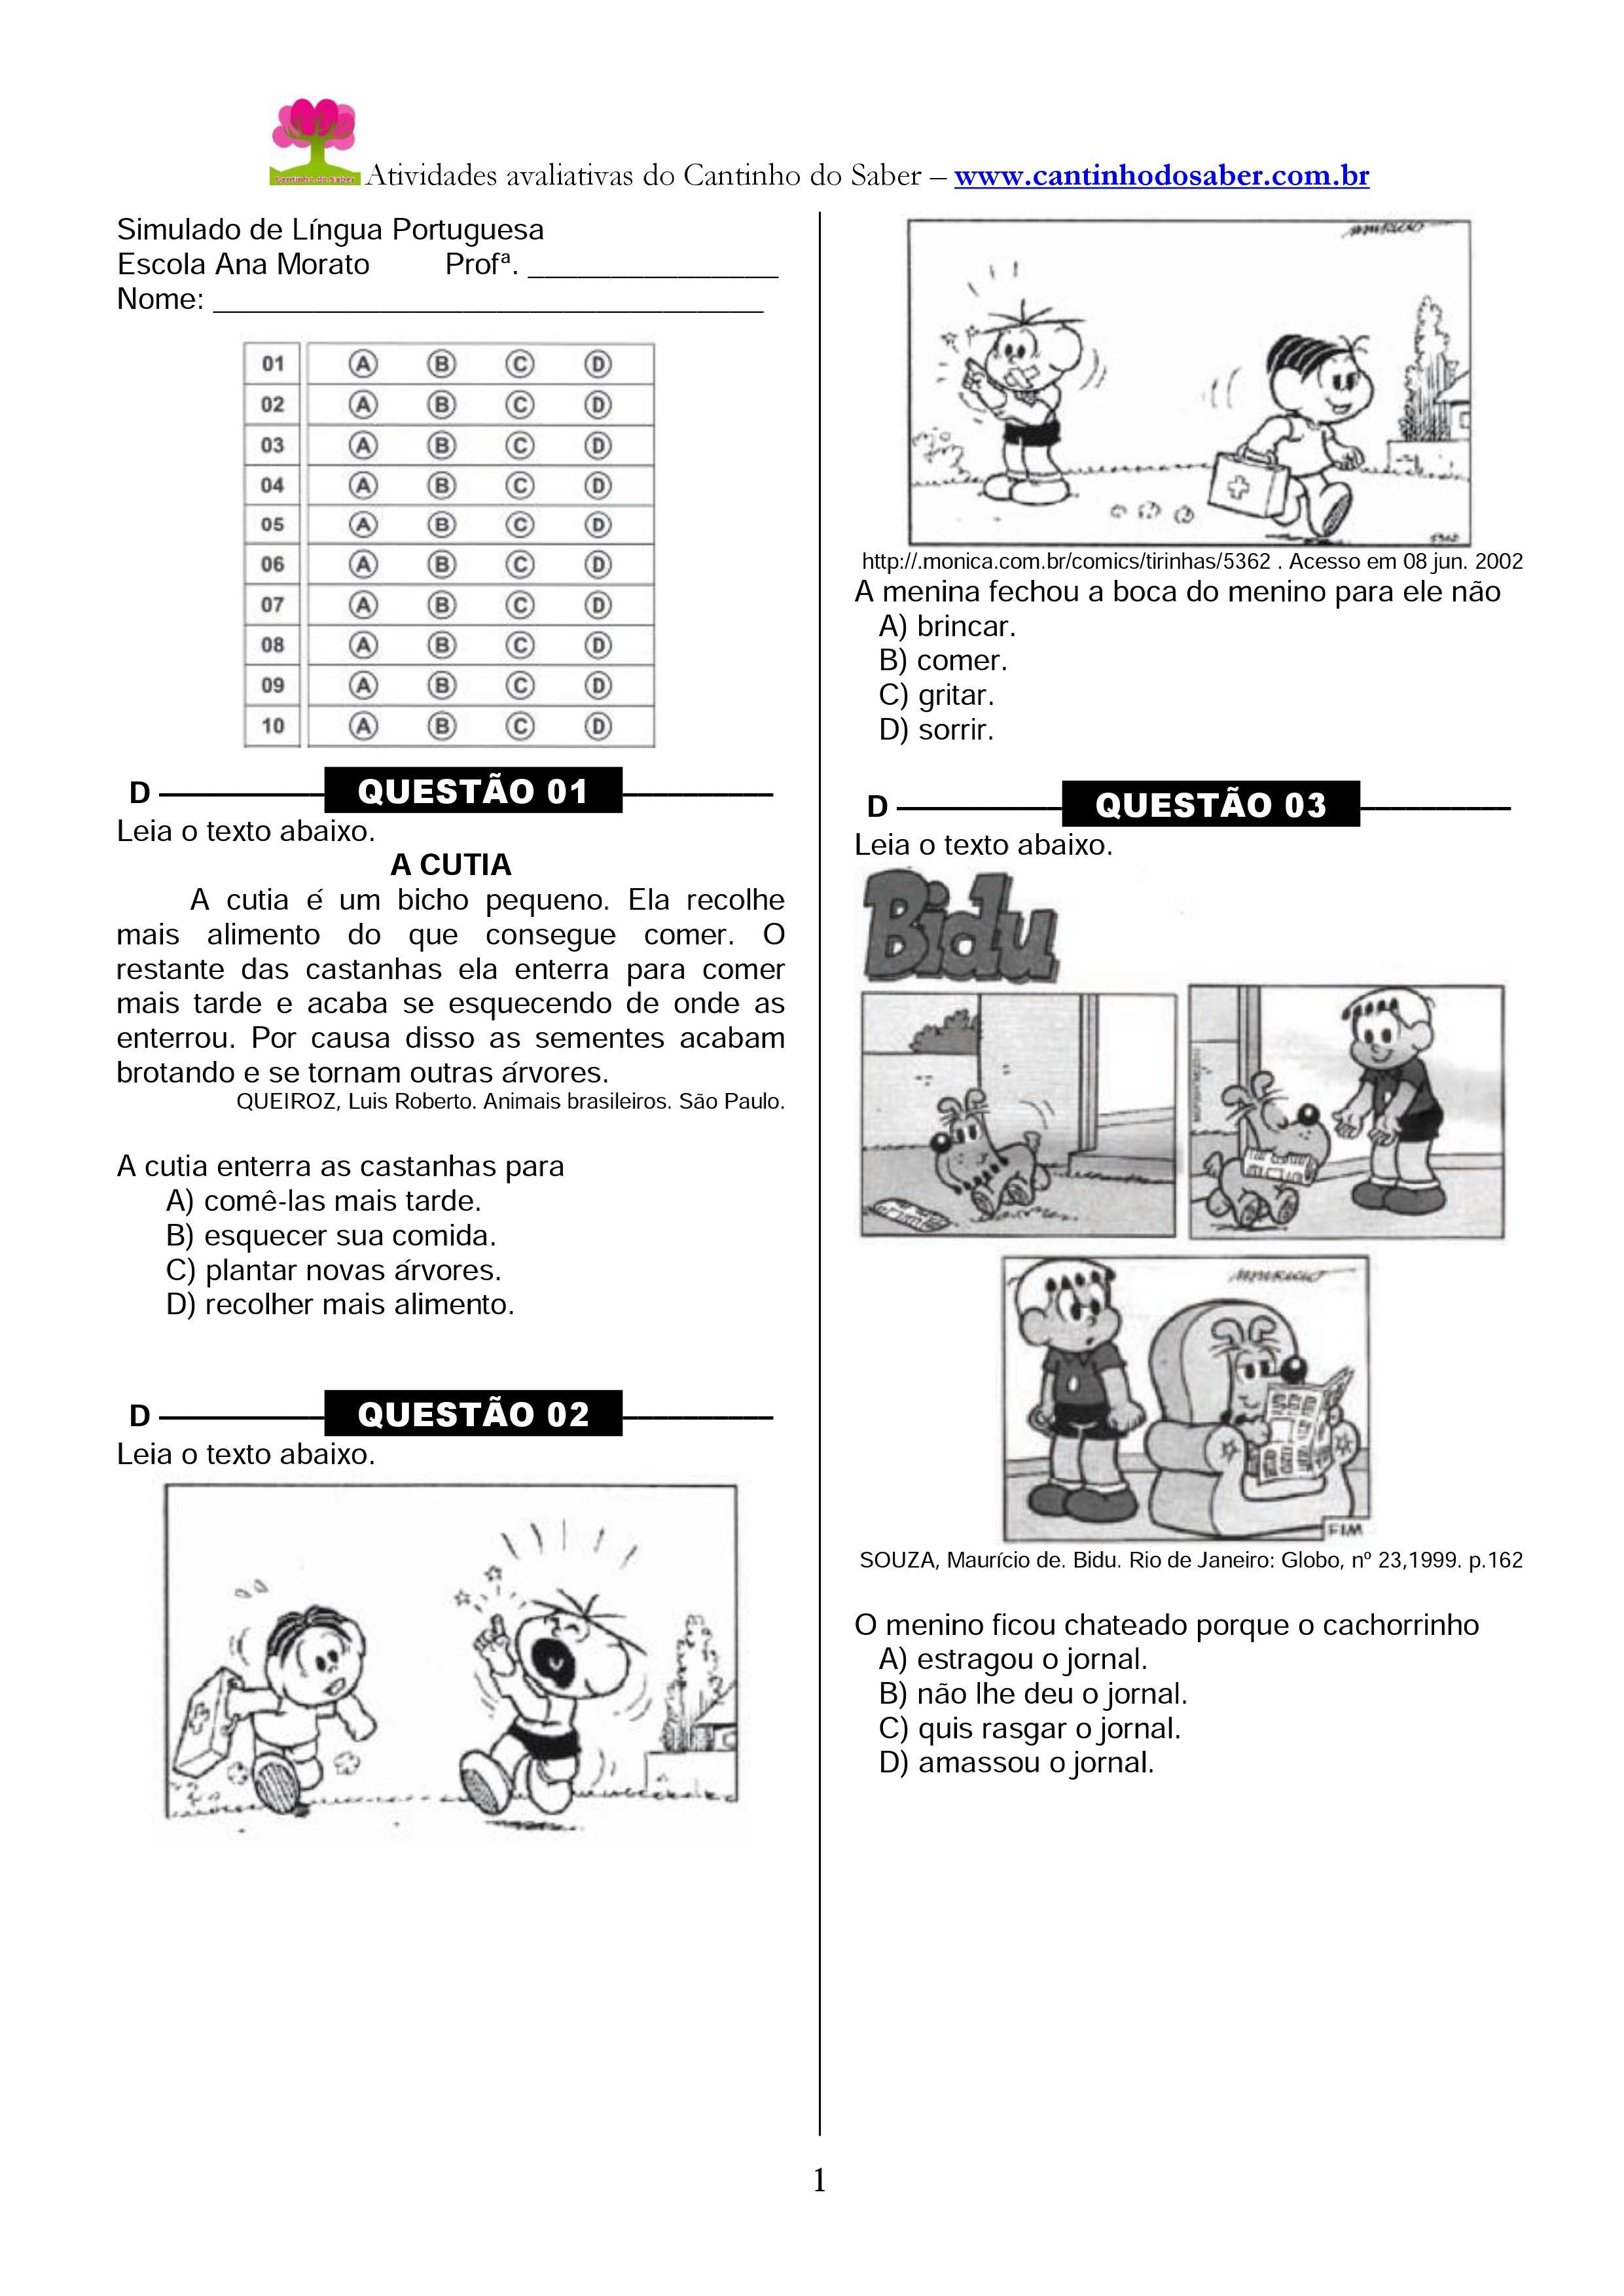 Simulado de português para o terceiro ano